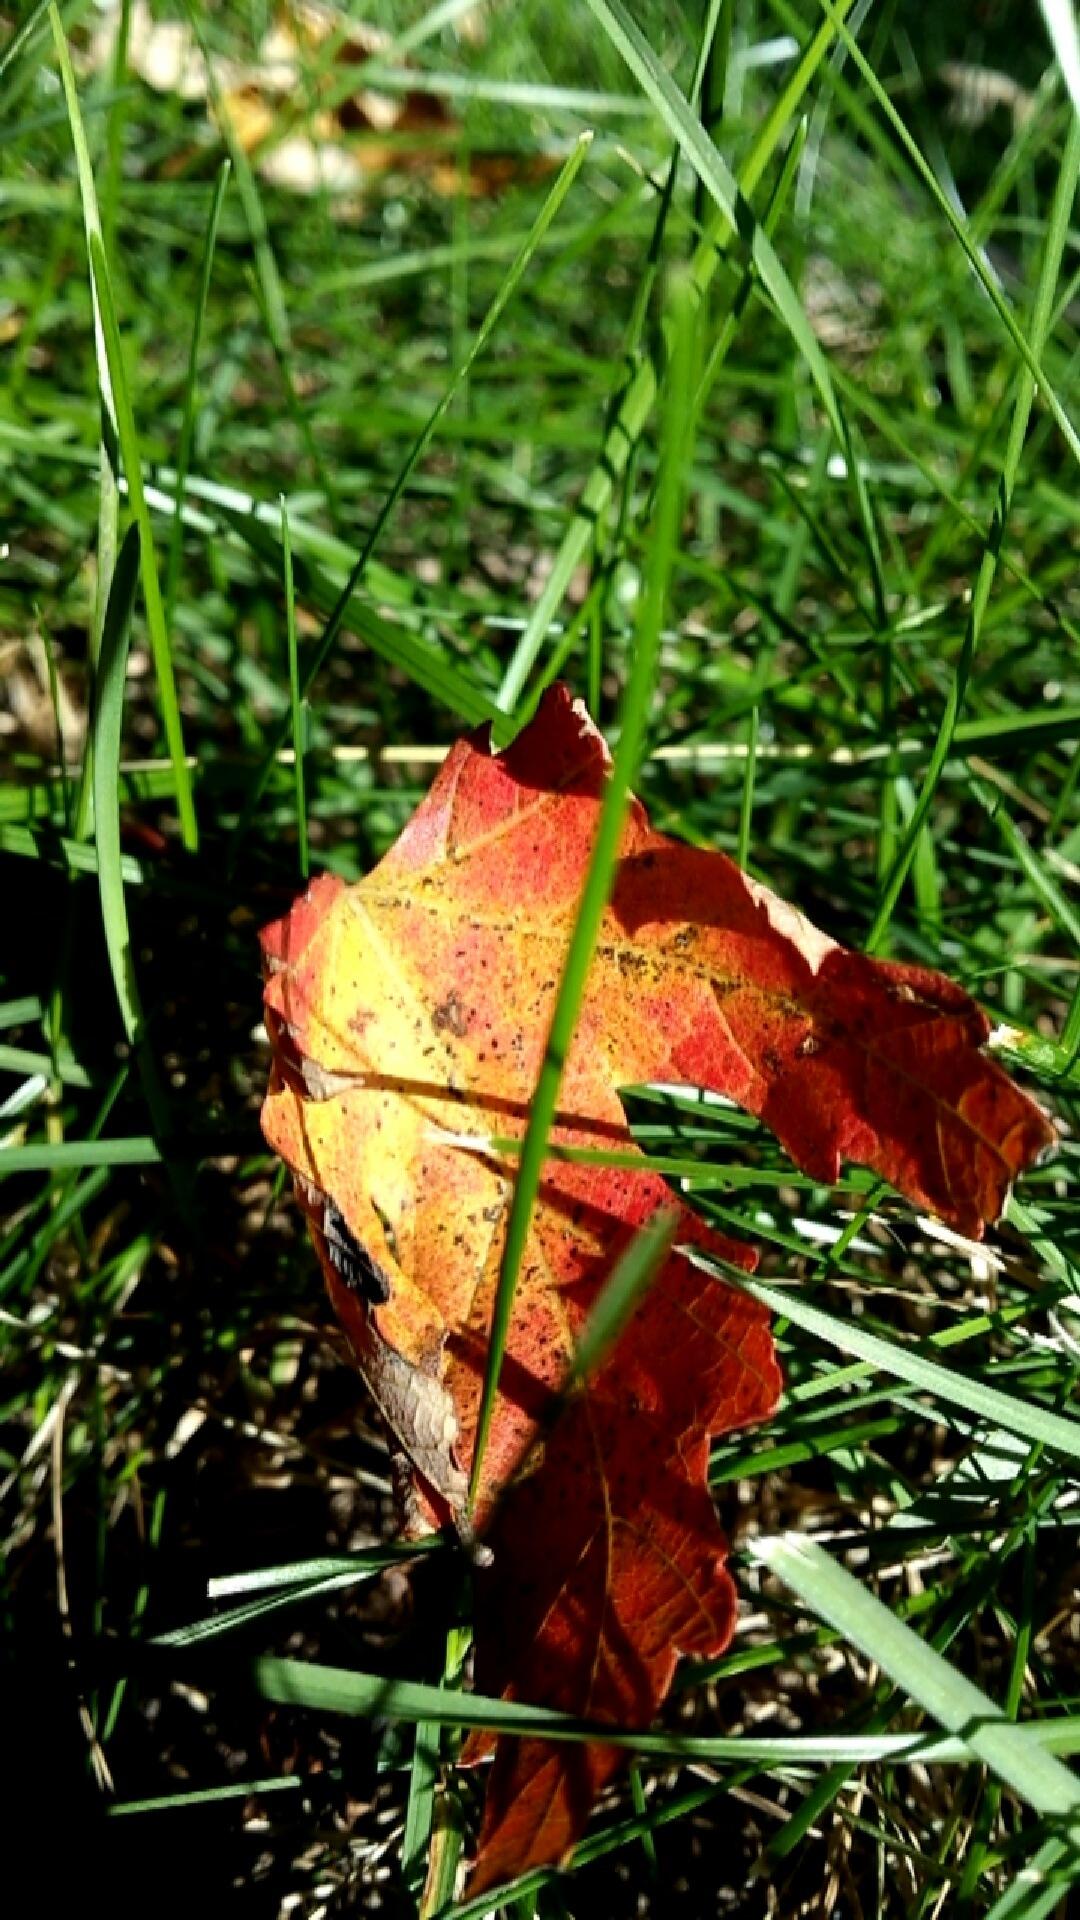 leaf by Allexziss Carpenter